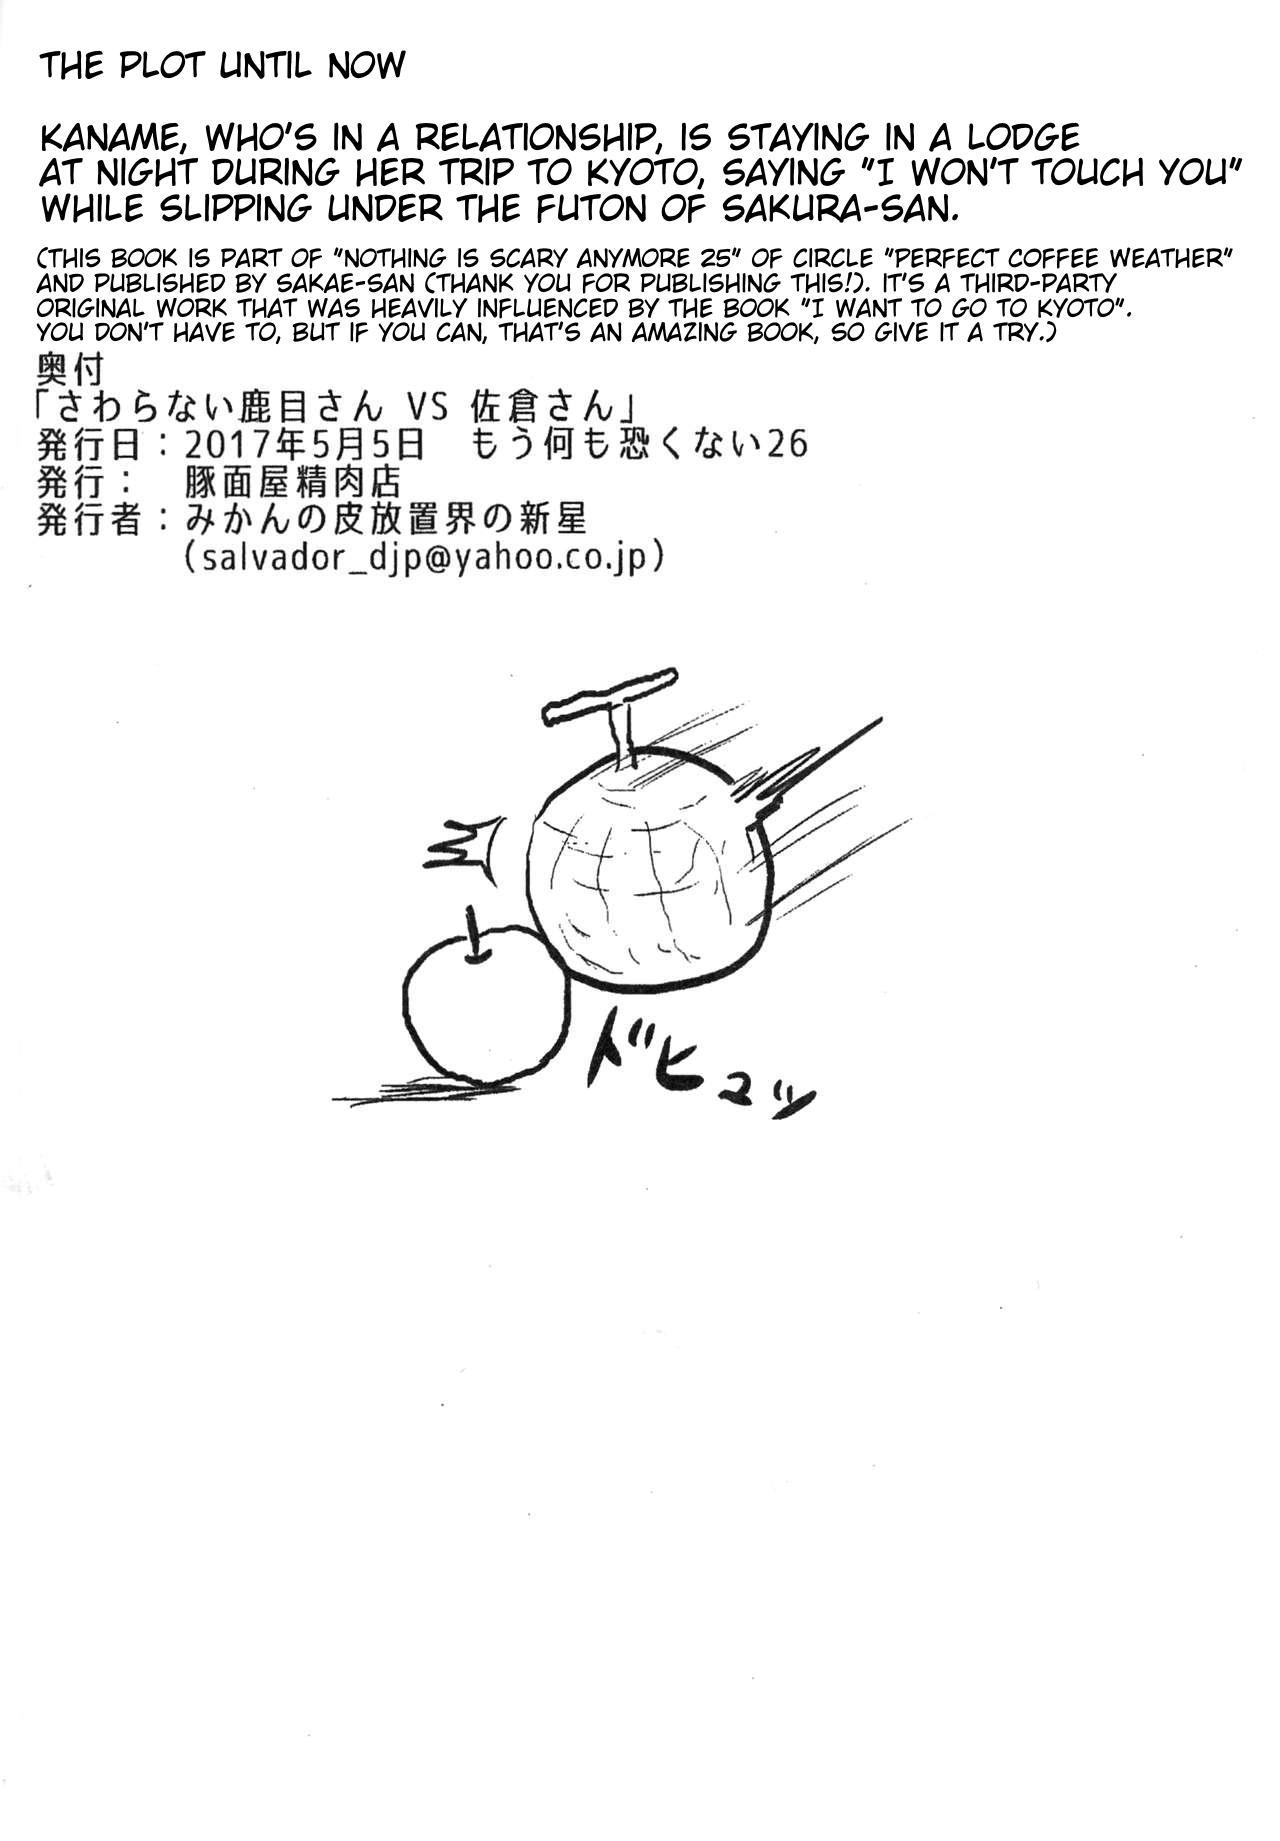 Sawaranai Kaname VS Sakura-san 11